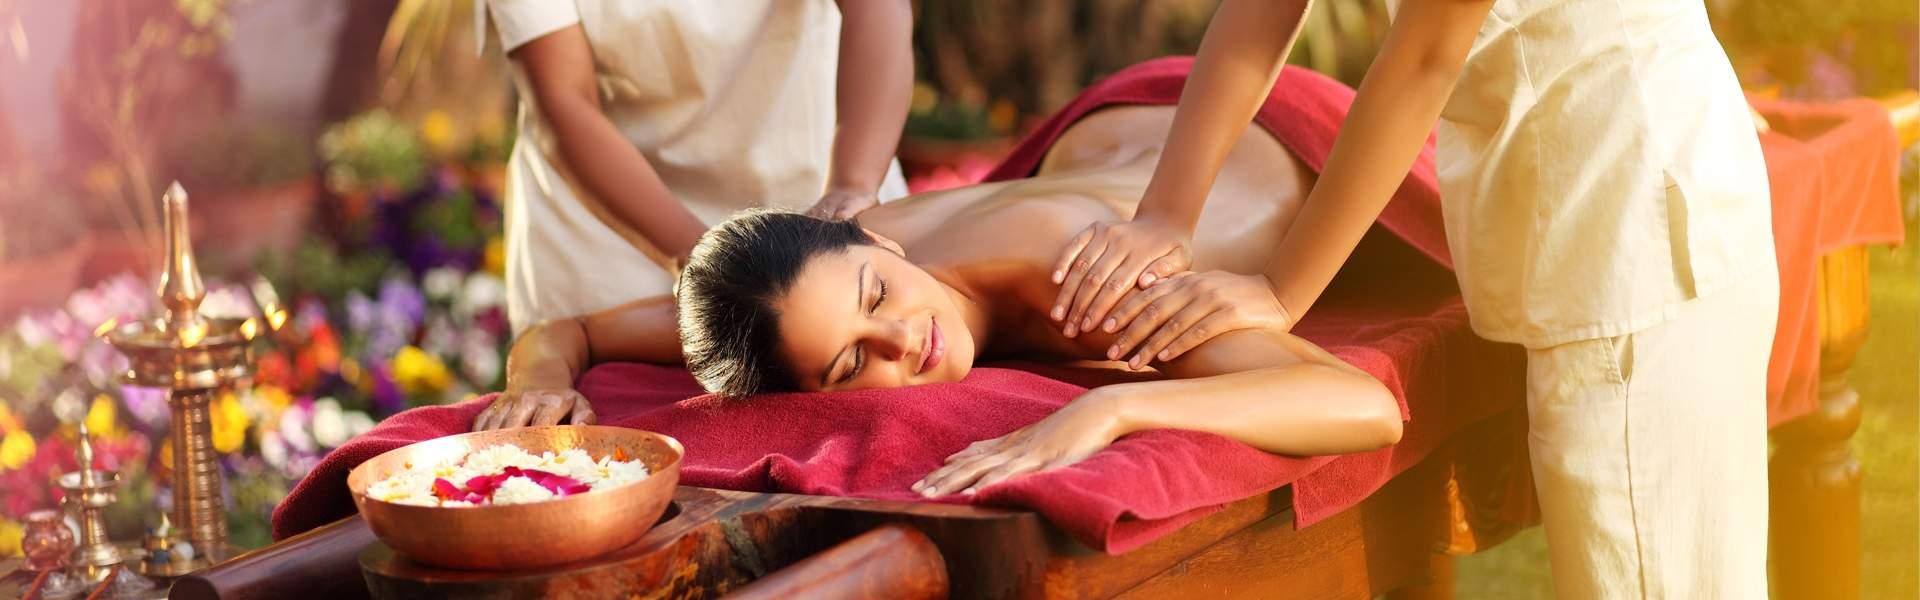 spa break in Sri Lanka